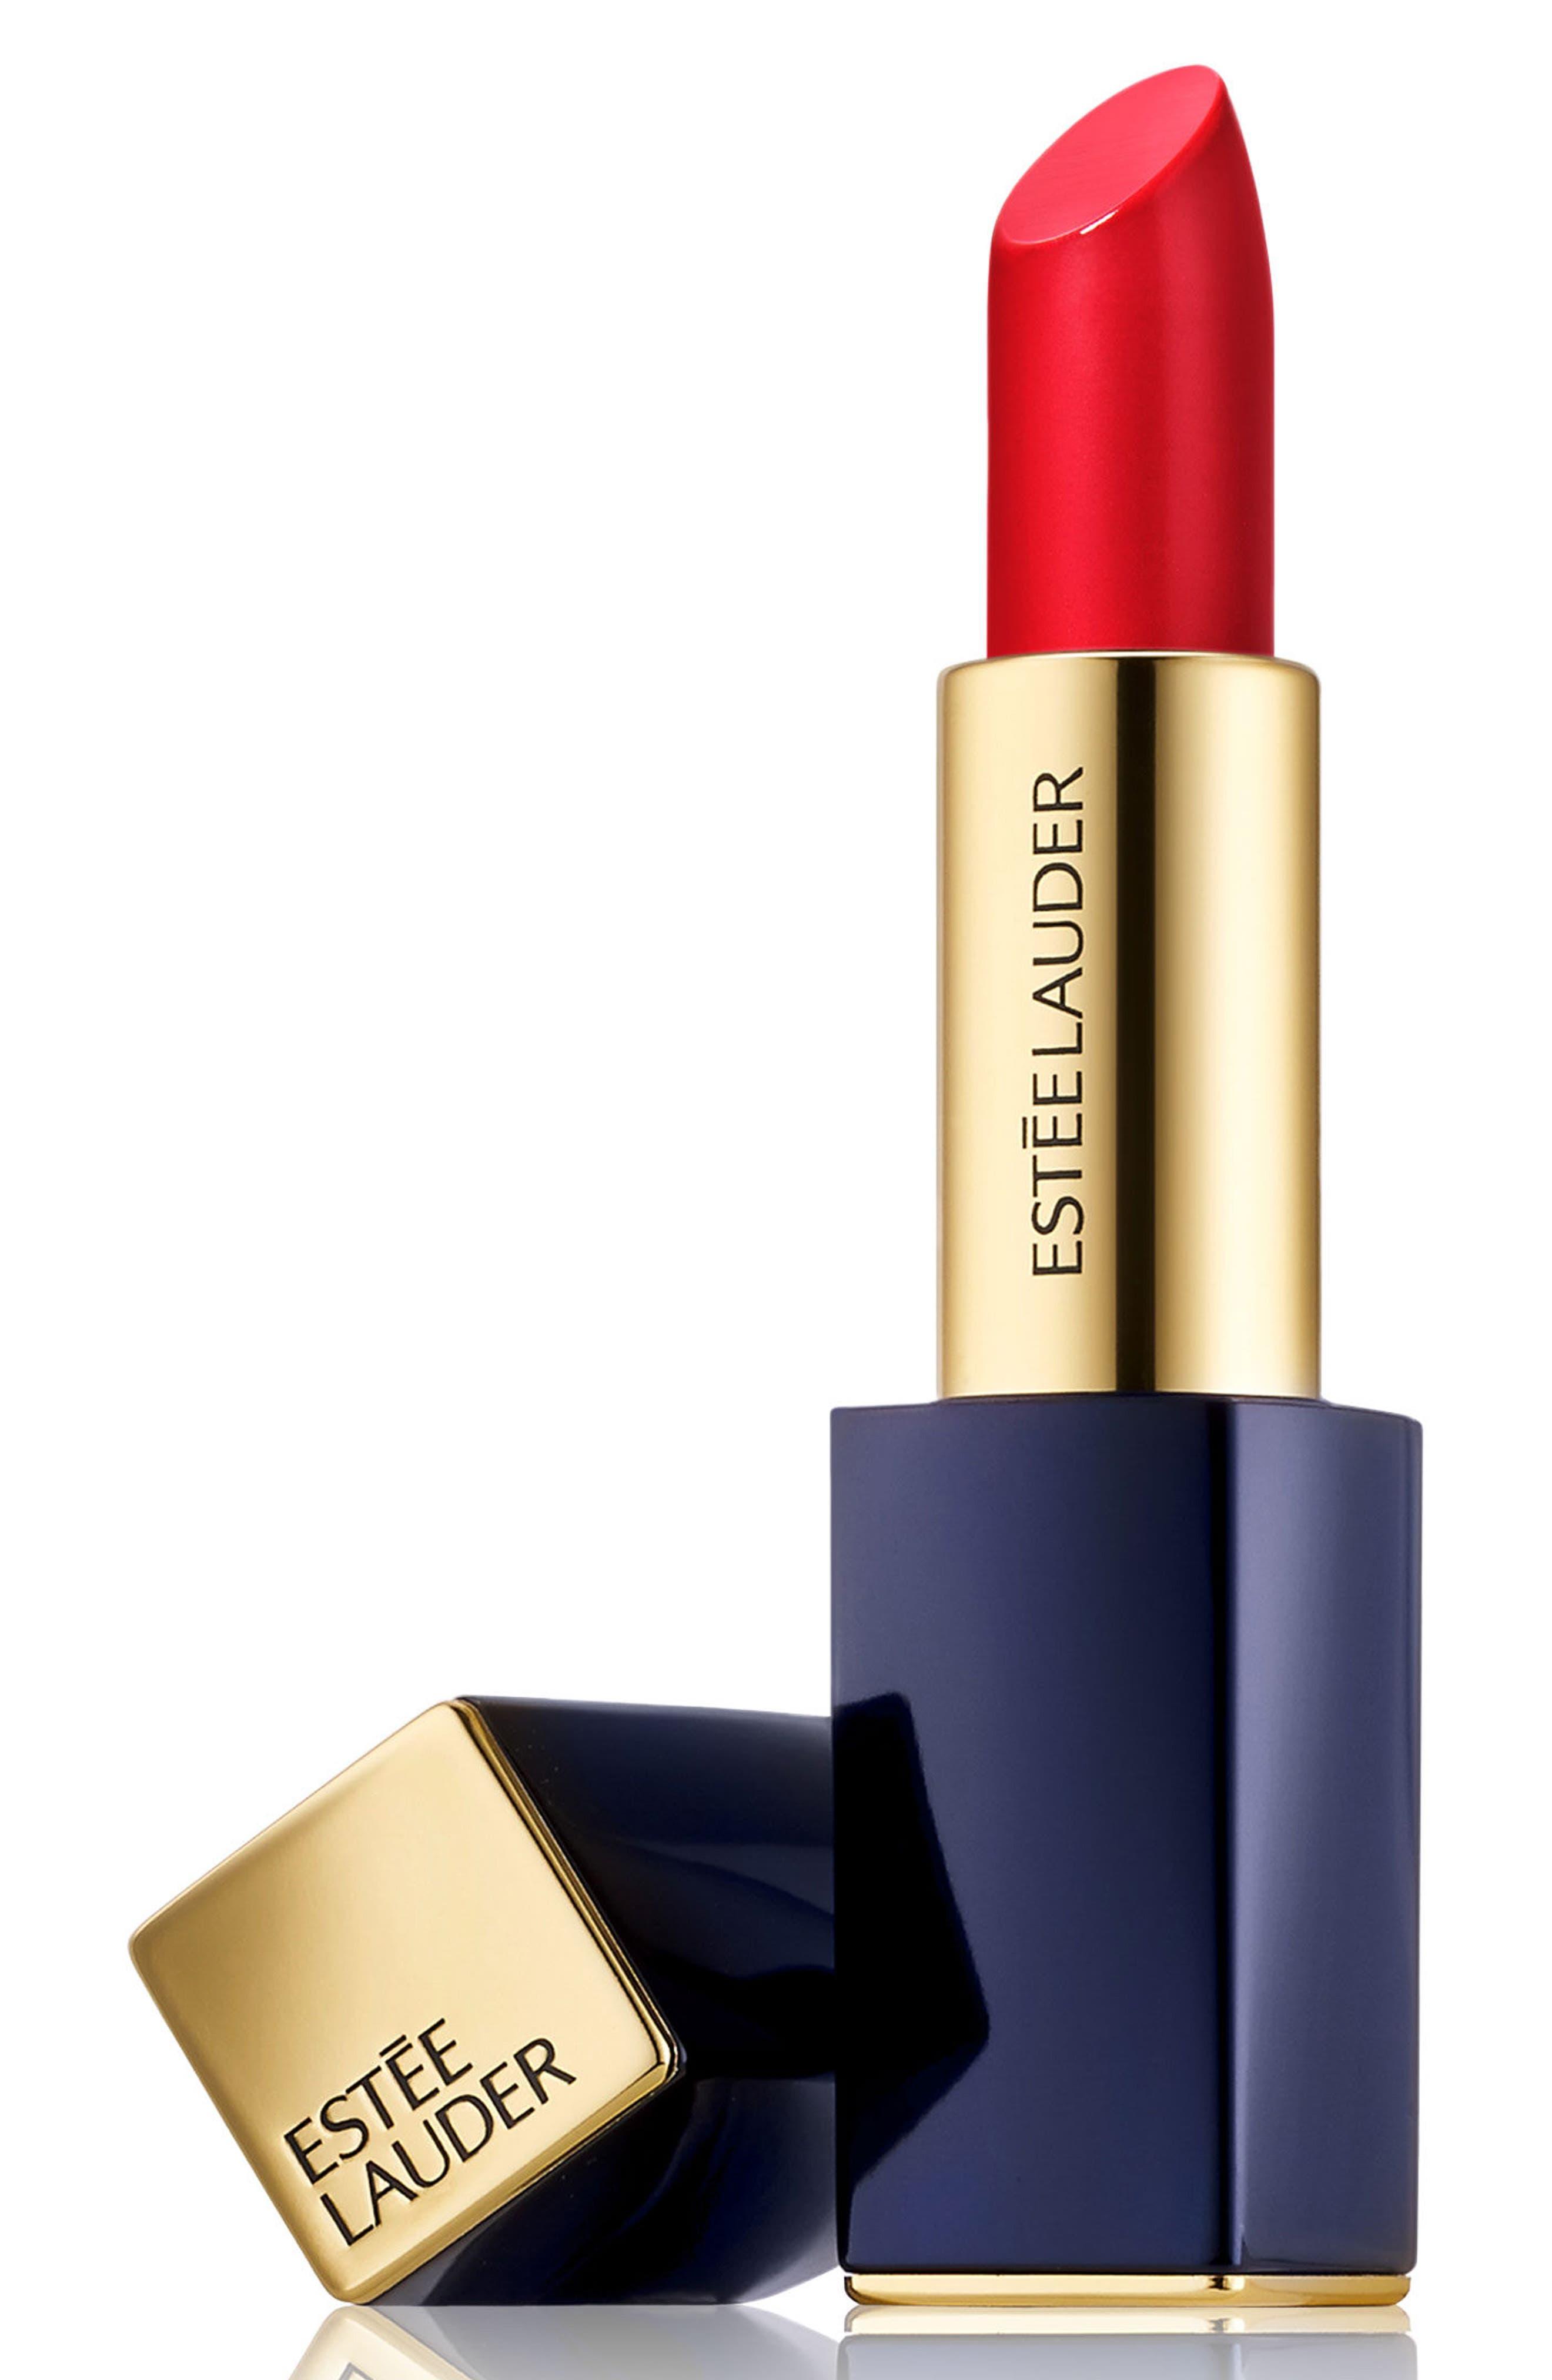 Main Image - Estée Lauder Pure Color Envy Sheer Matte Sculpting Lipstick